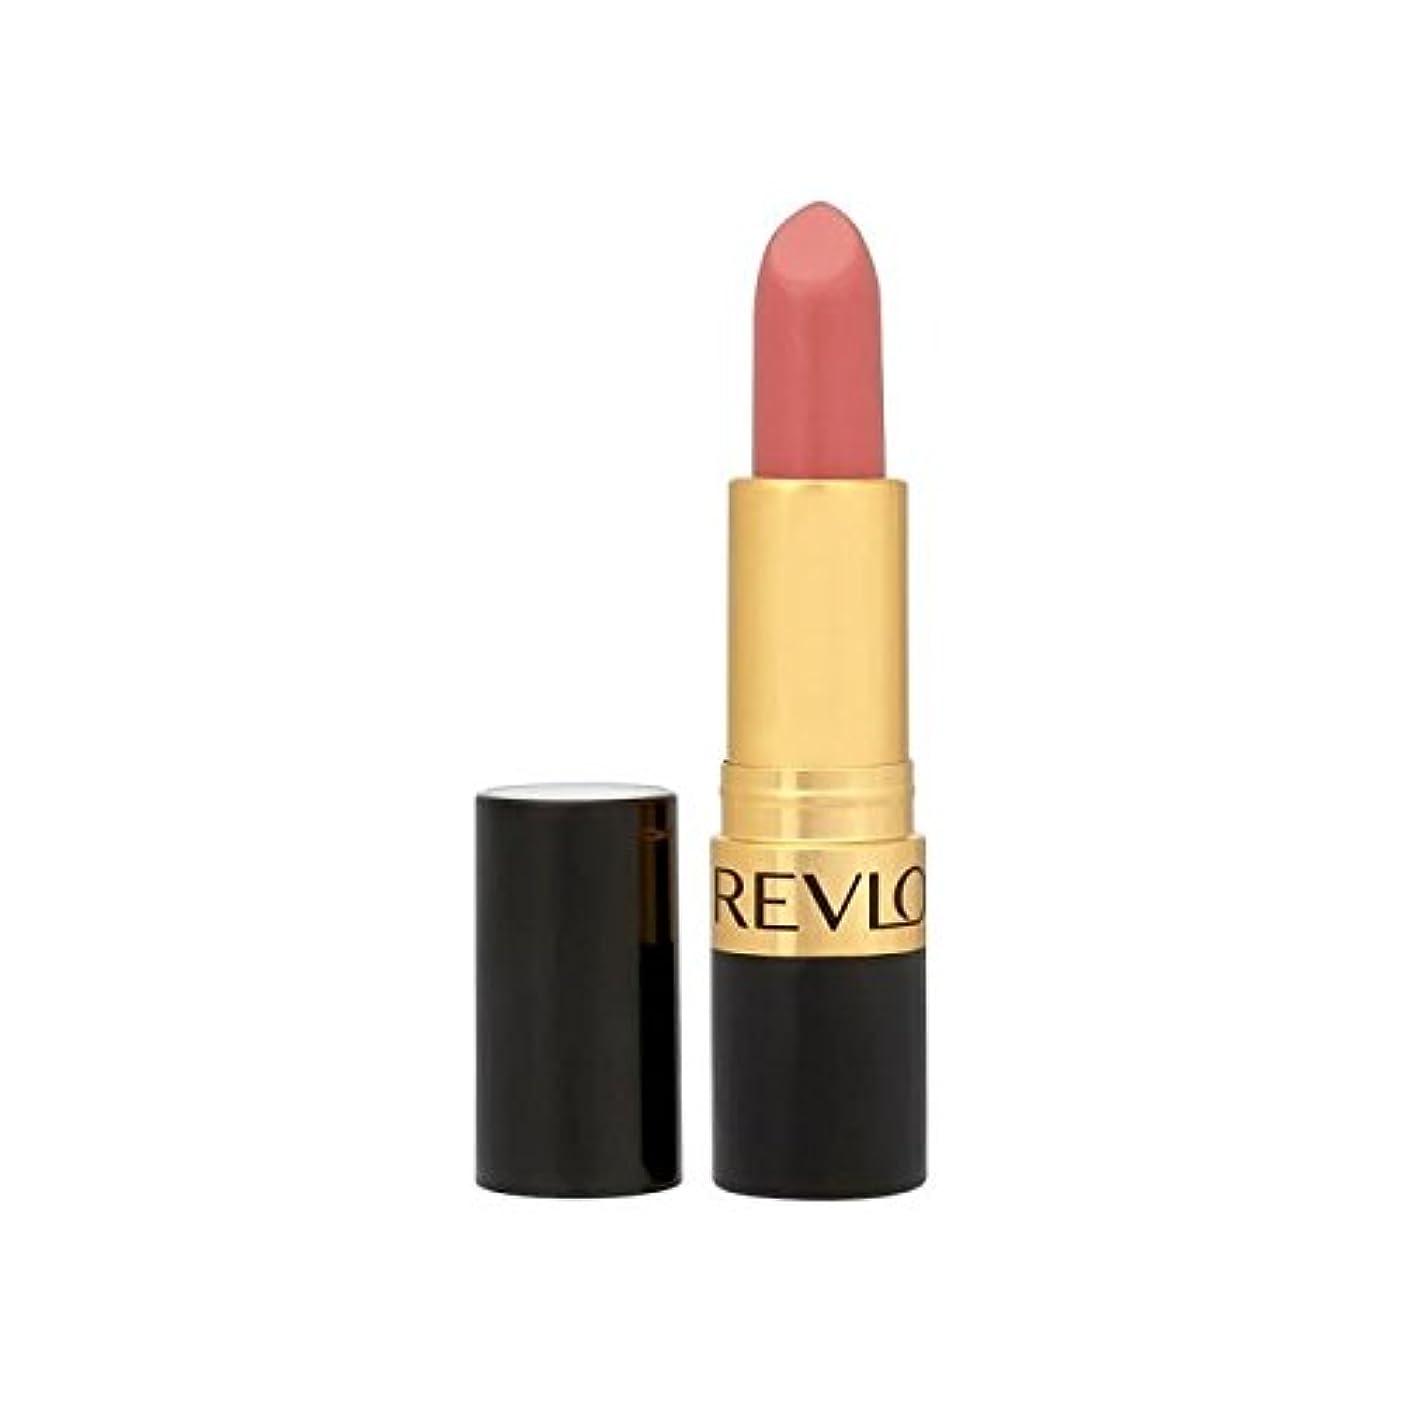 針しなやか預言者午後415でレブロンスーパー光沢のある口紅ピンク x4 - Revlon Super Lustrous Lipstick Pink In The Afternoon 415 (Pack of 4) [並行輸入品]